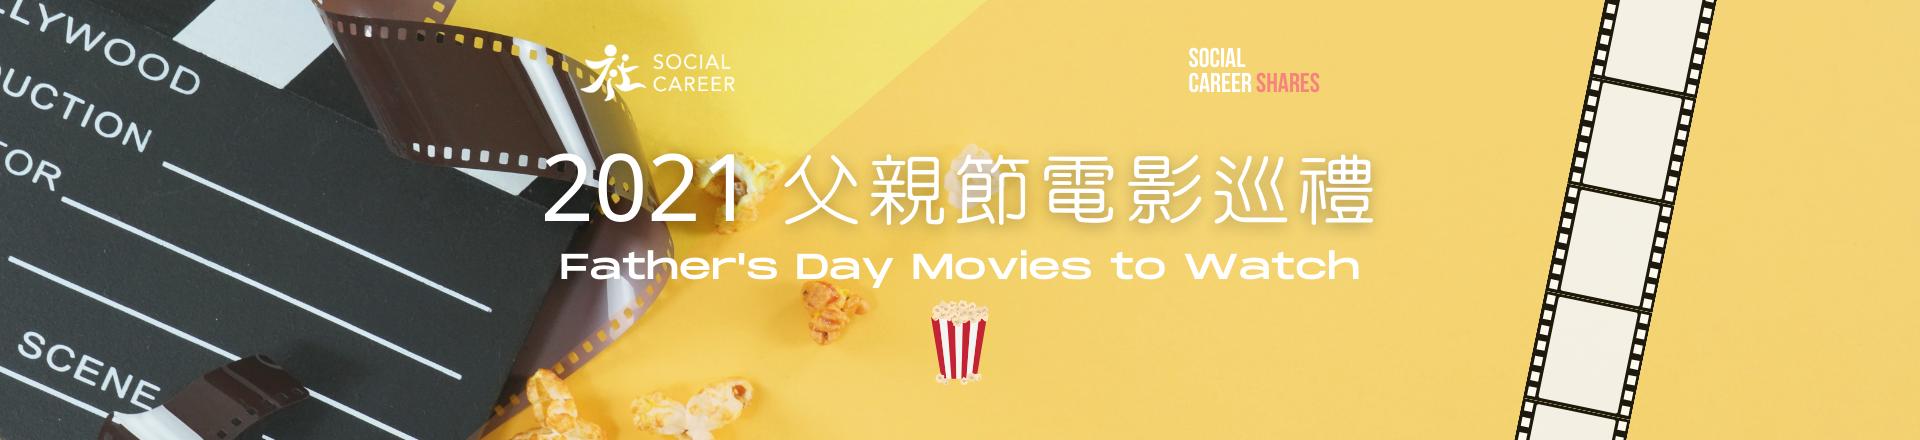 社職 2021 父親節電影巡禮|Father's Day Movies to Watch